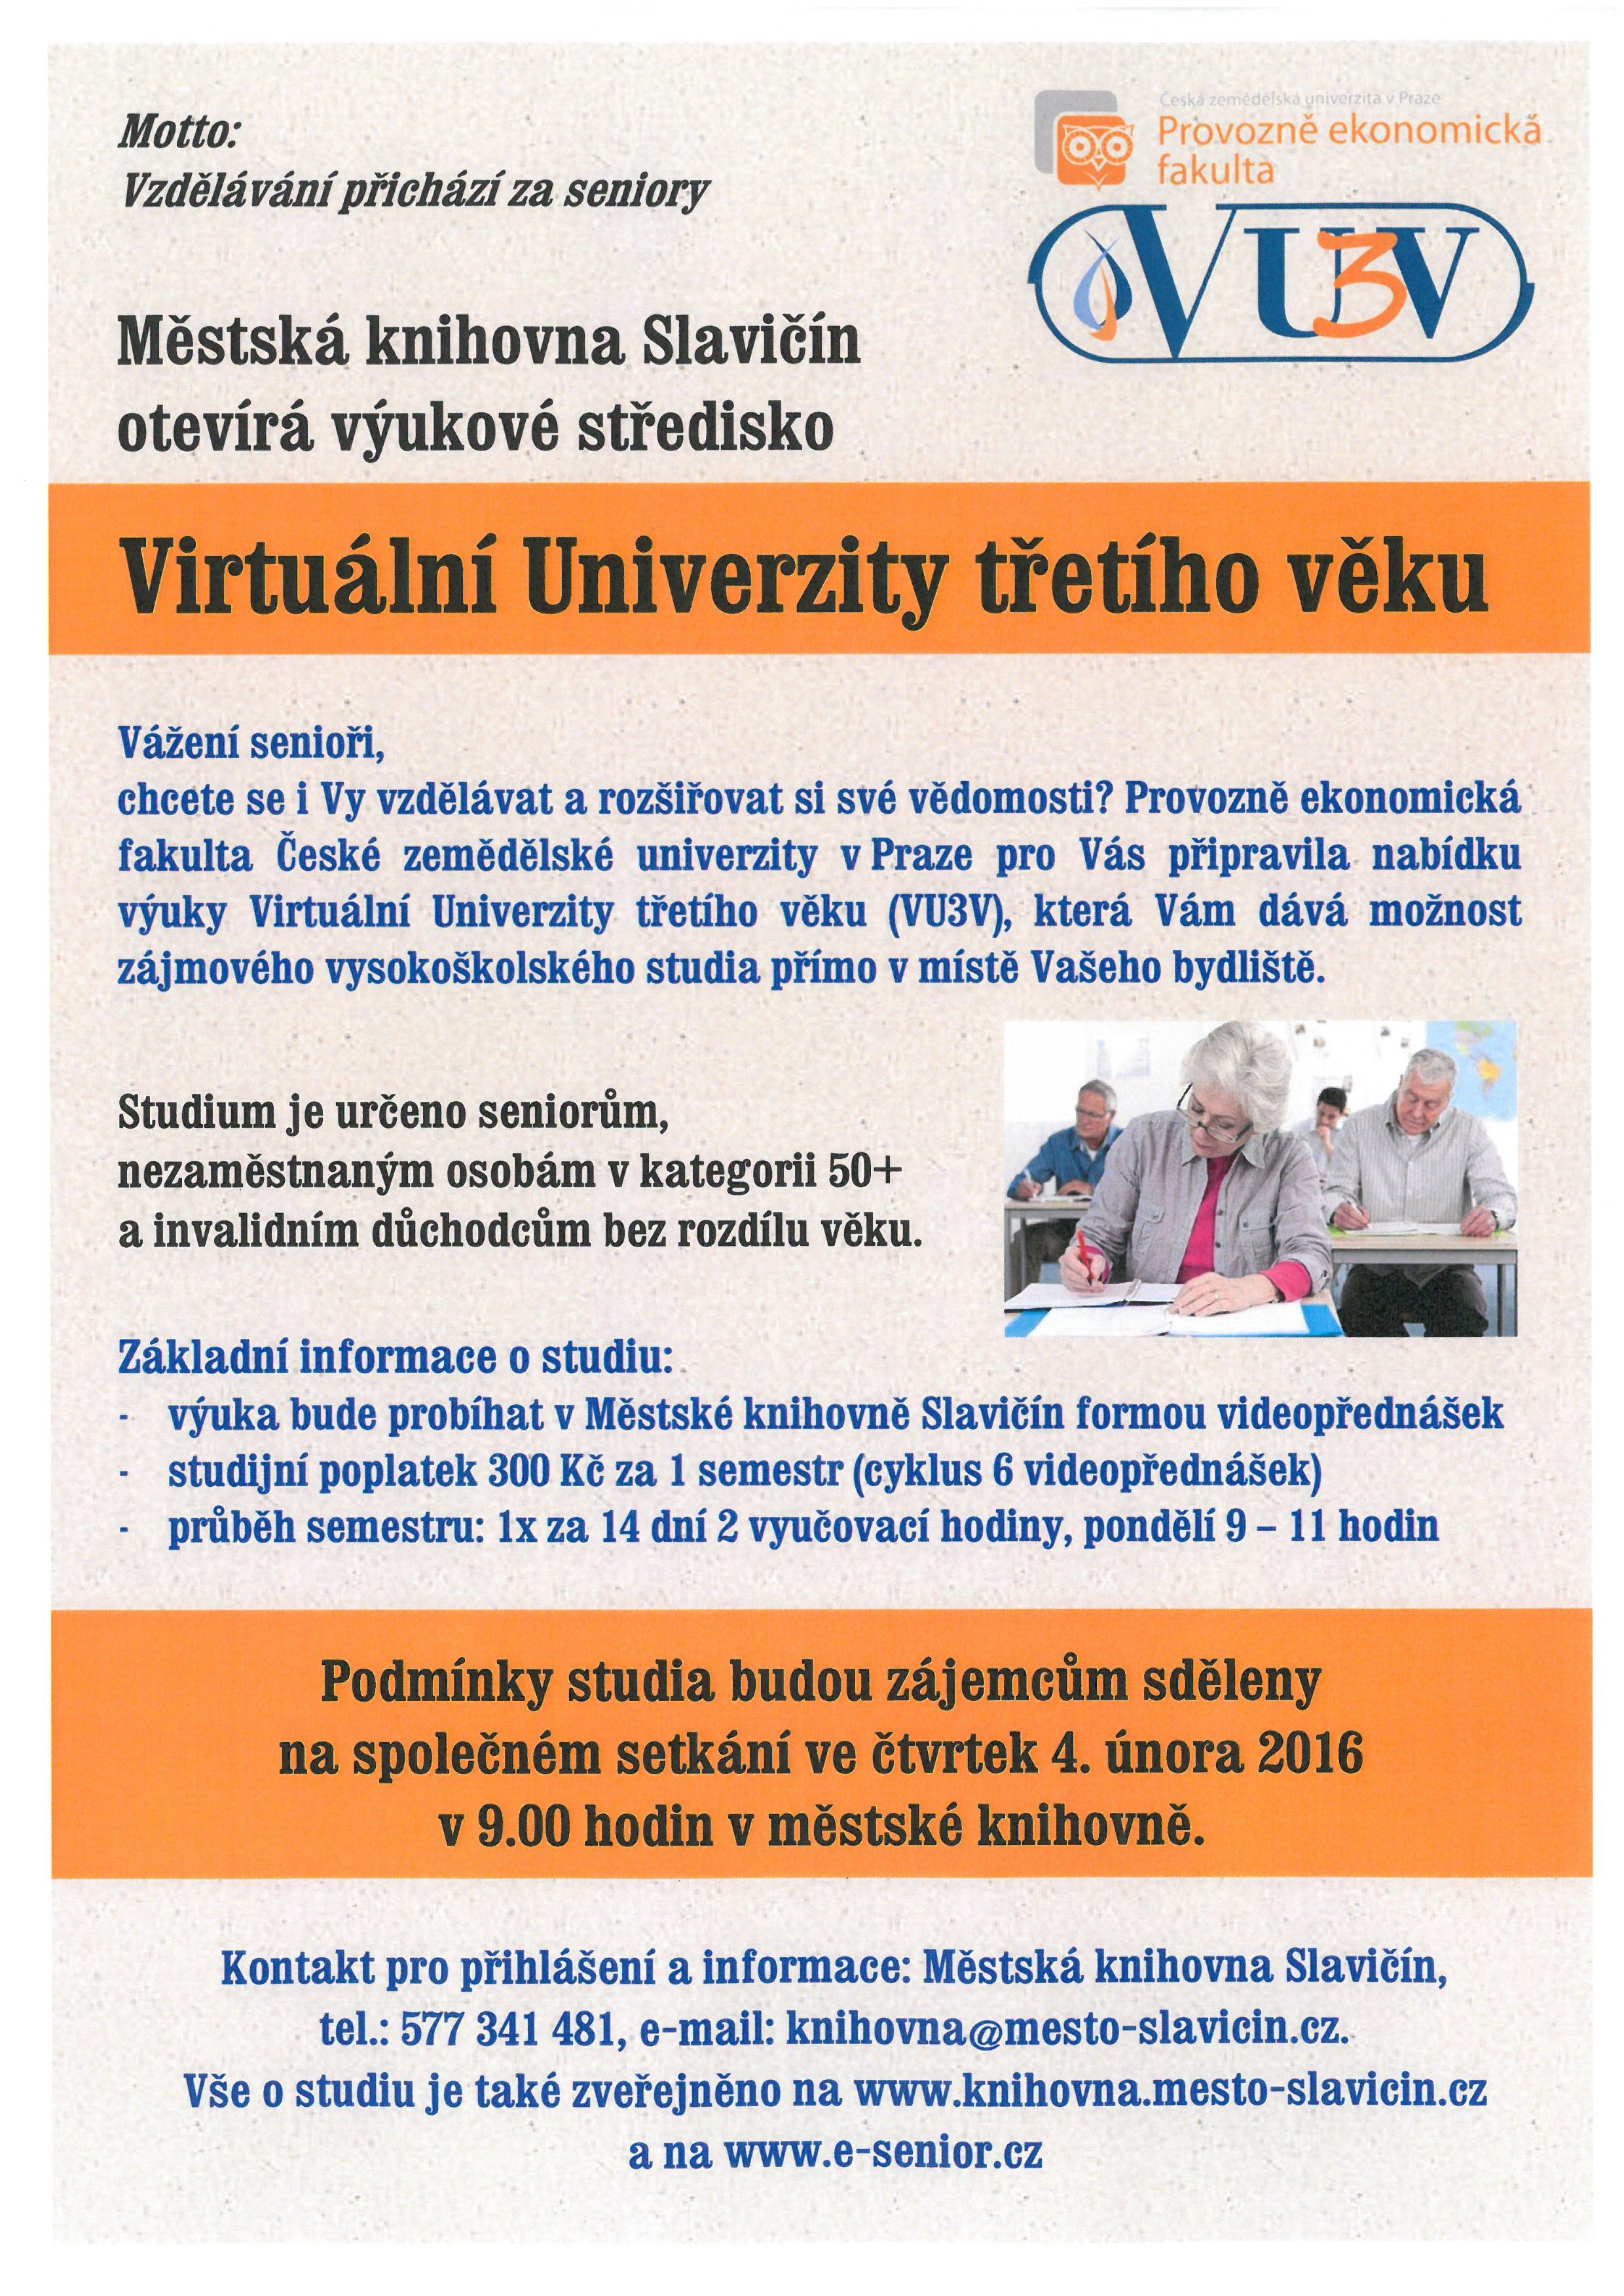 Virtuální univerzita třetího věku - plakát 2016, obrázek se otevře v novém okně